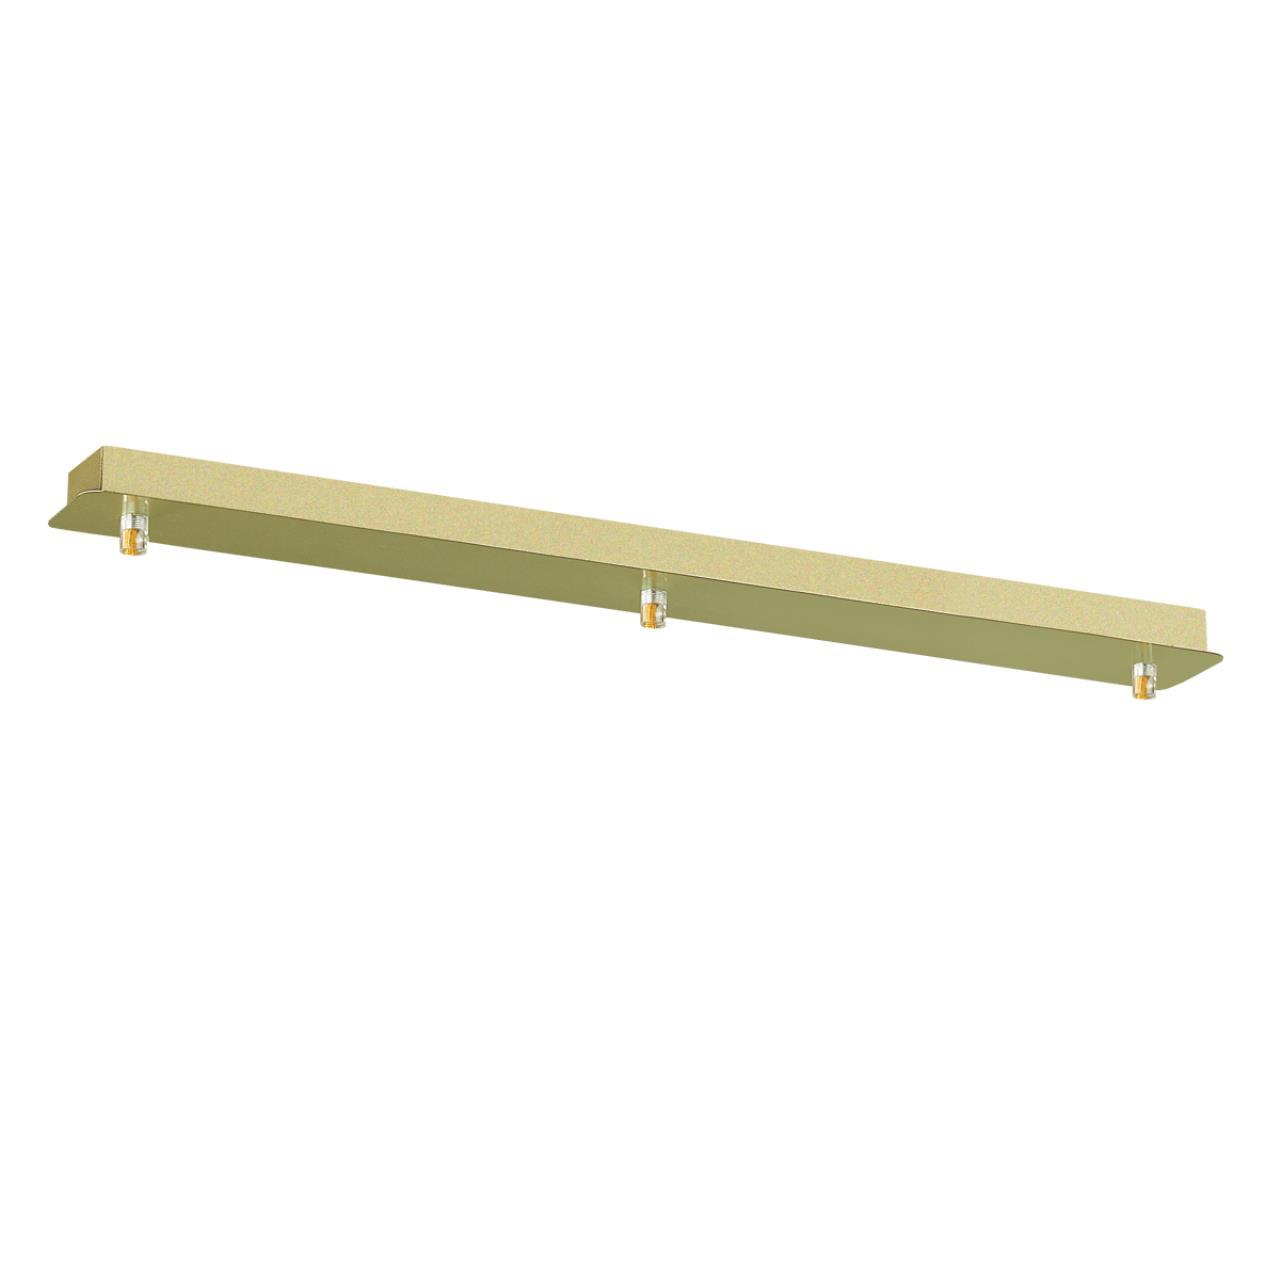 Основание для светильника Lumion 4508/3 Suspentioni